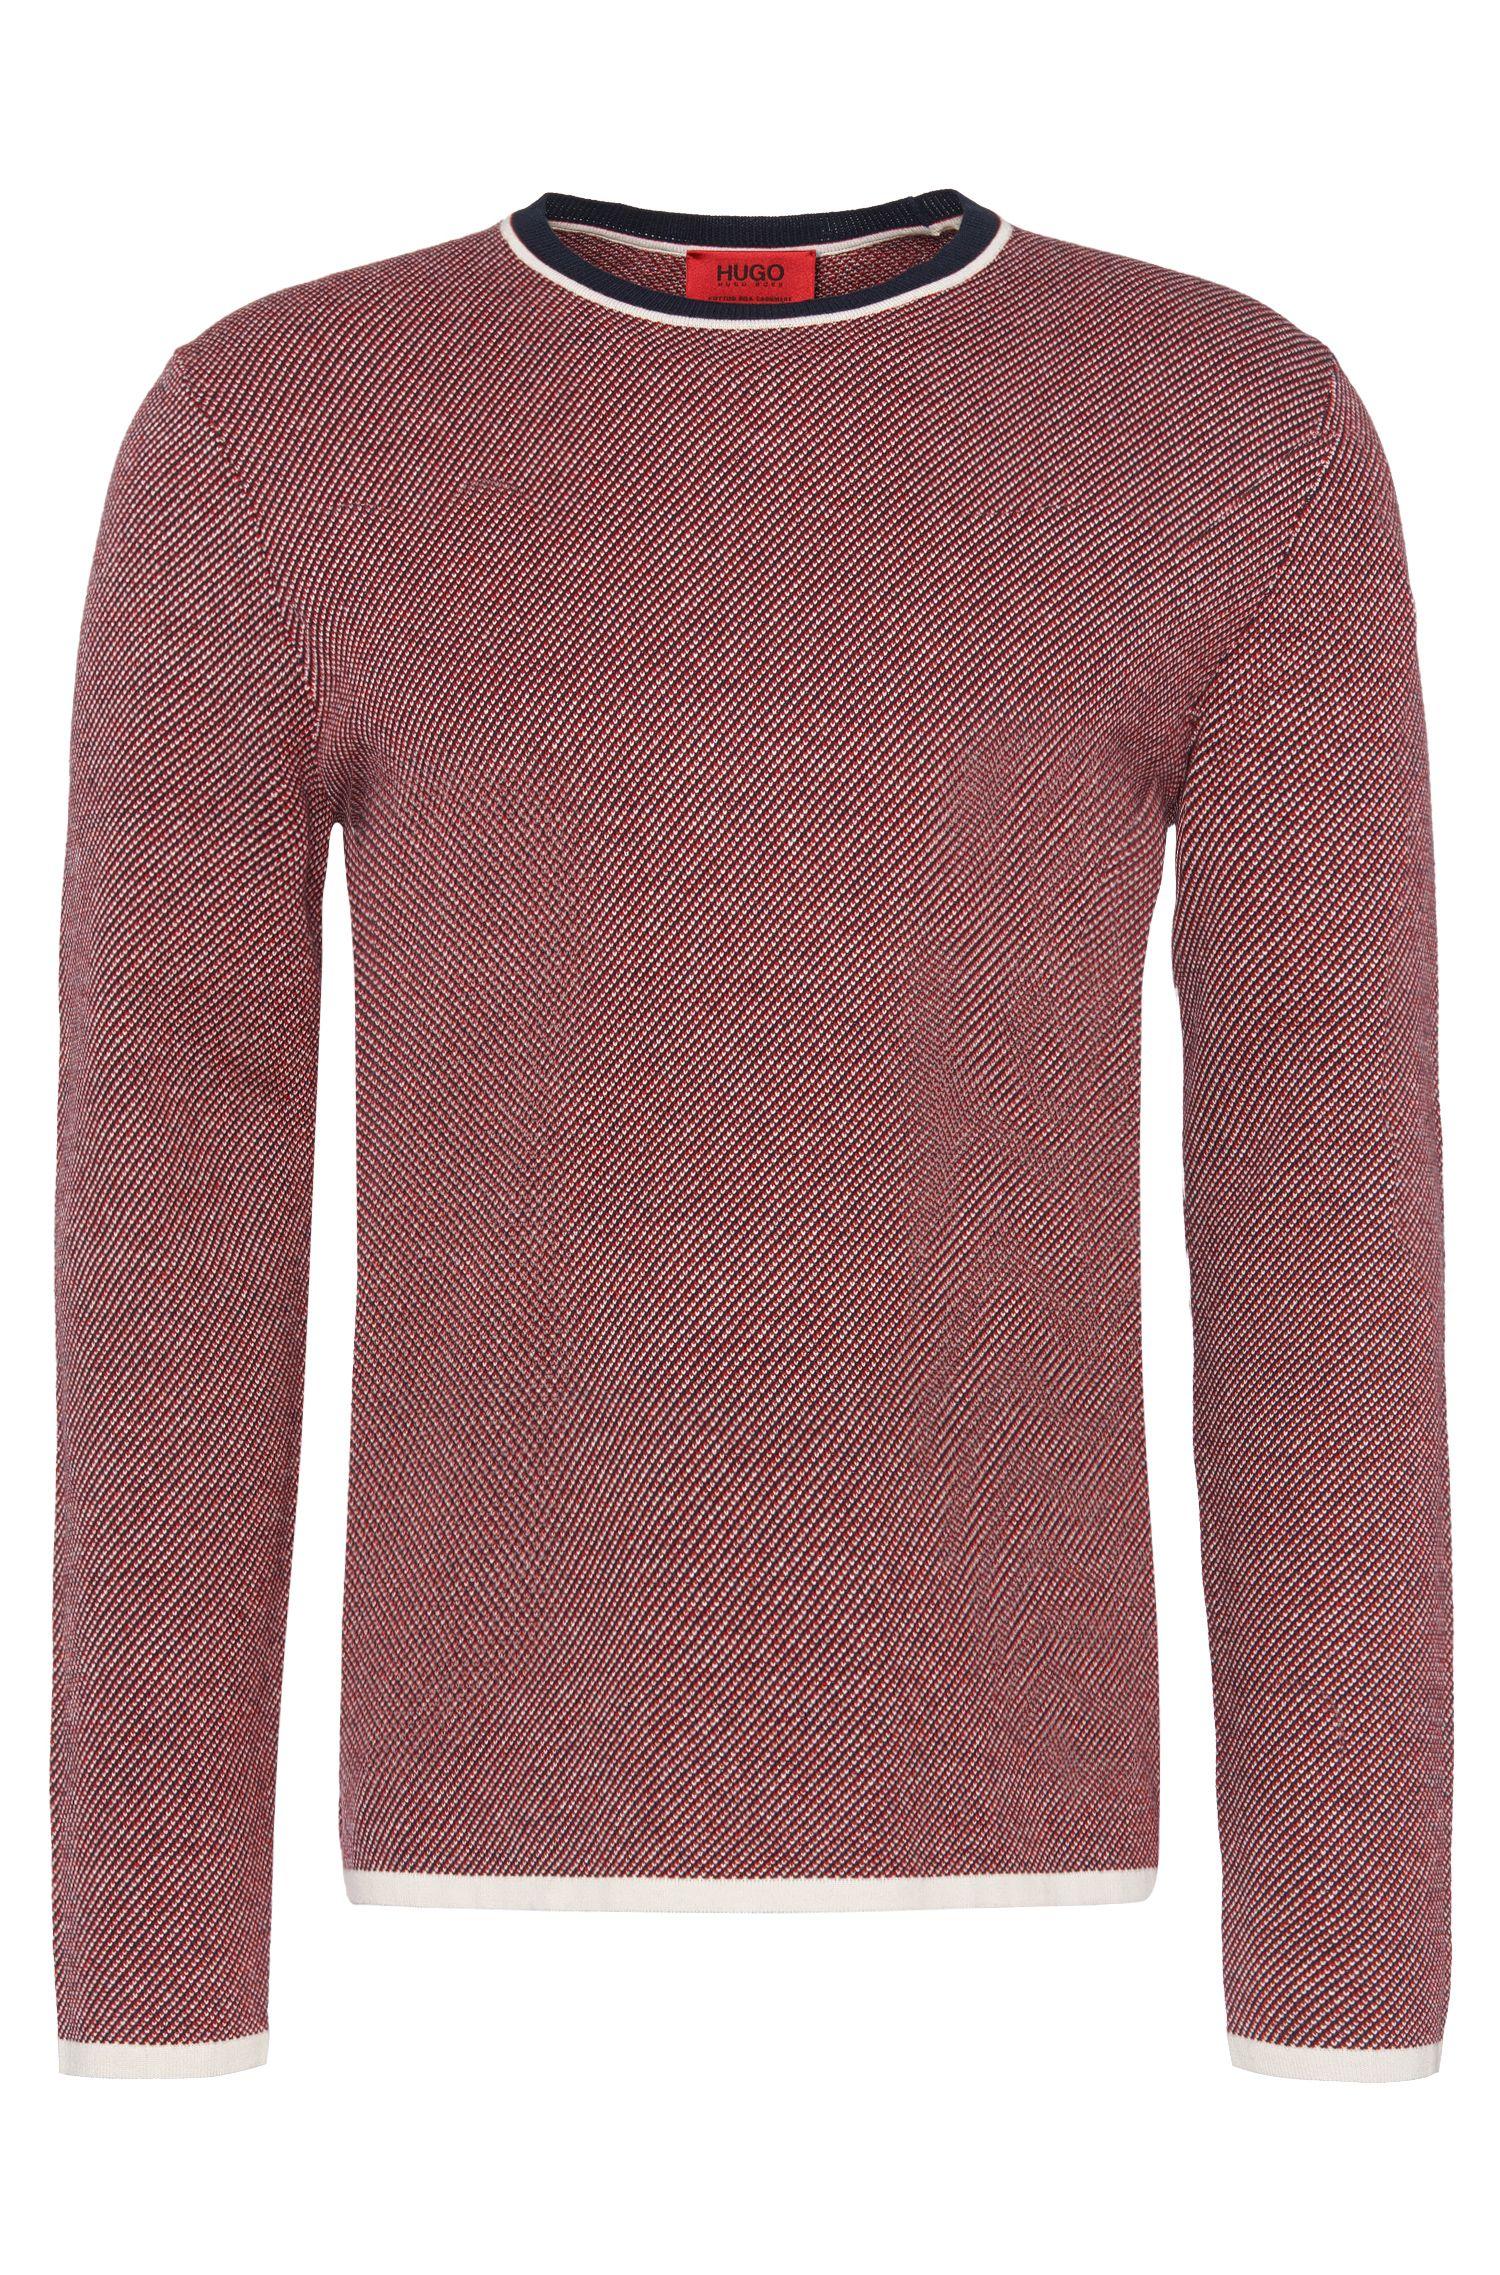 'Stip' | Cotton Silk Cashmere Sweater